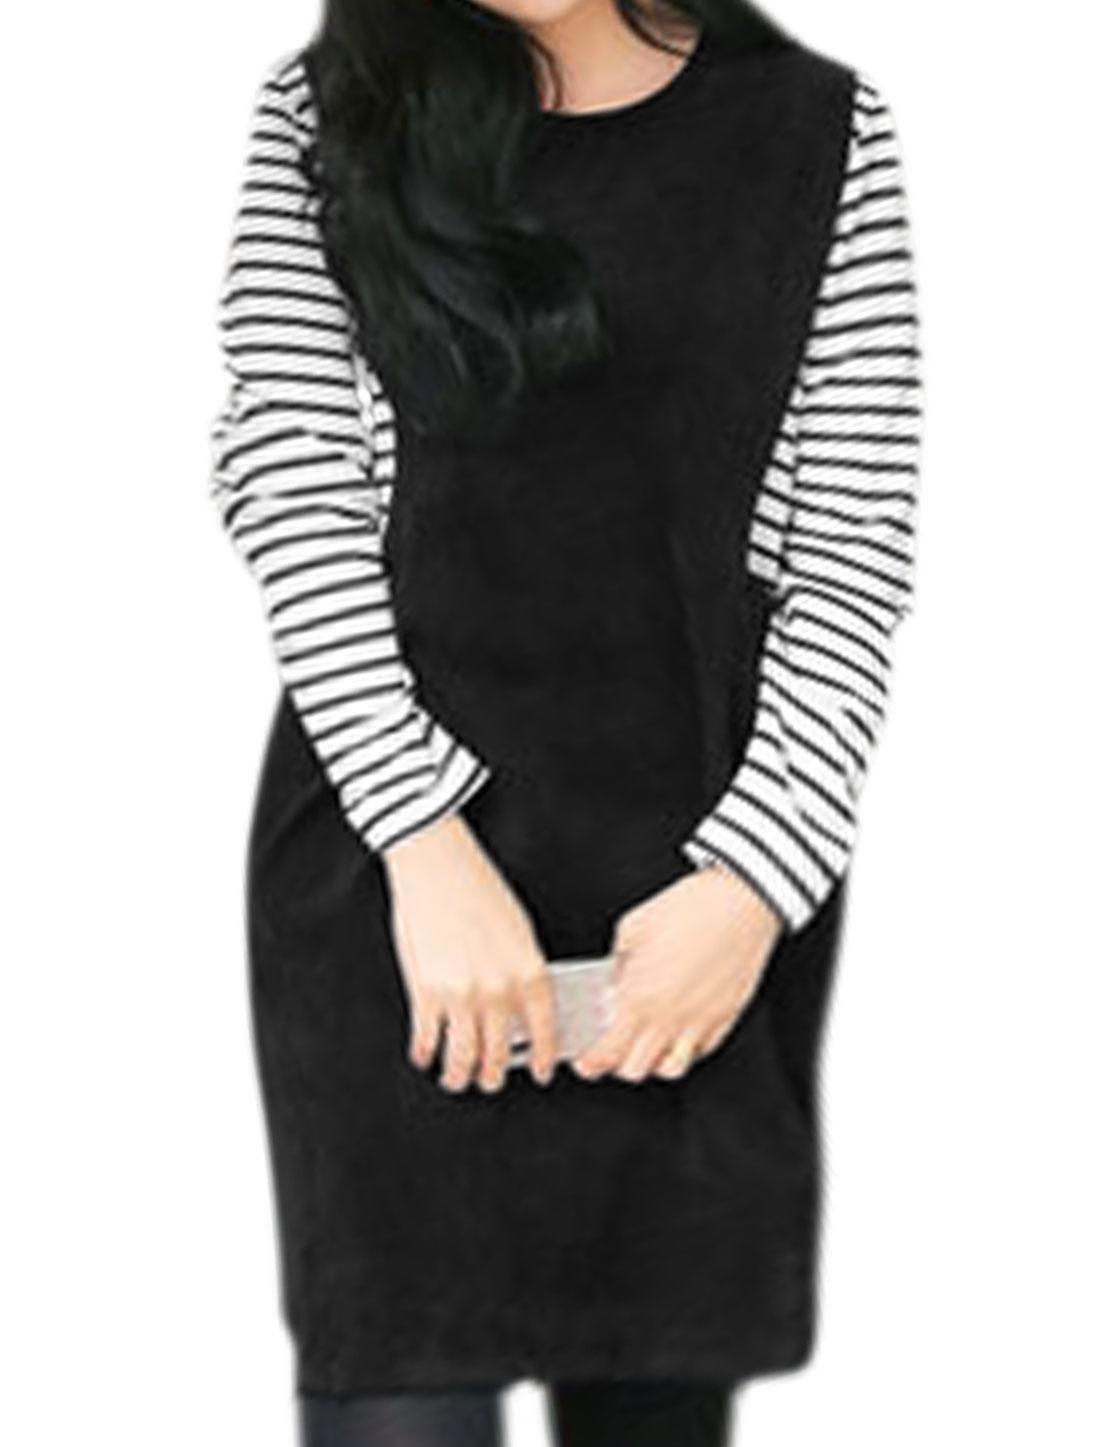 Women Stripes Paneled Layered Tunic Dress Black XS